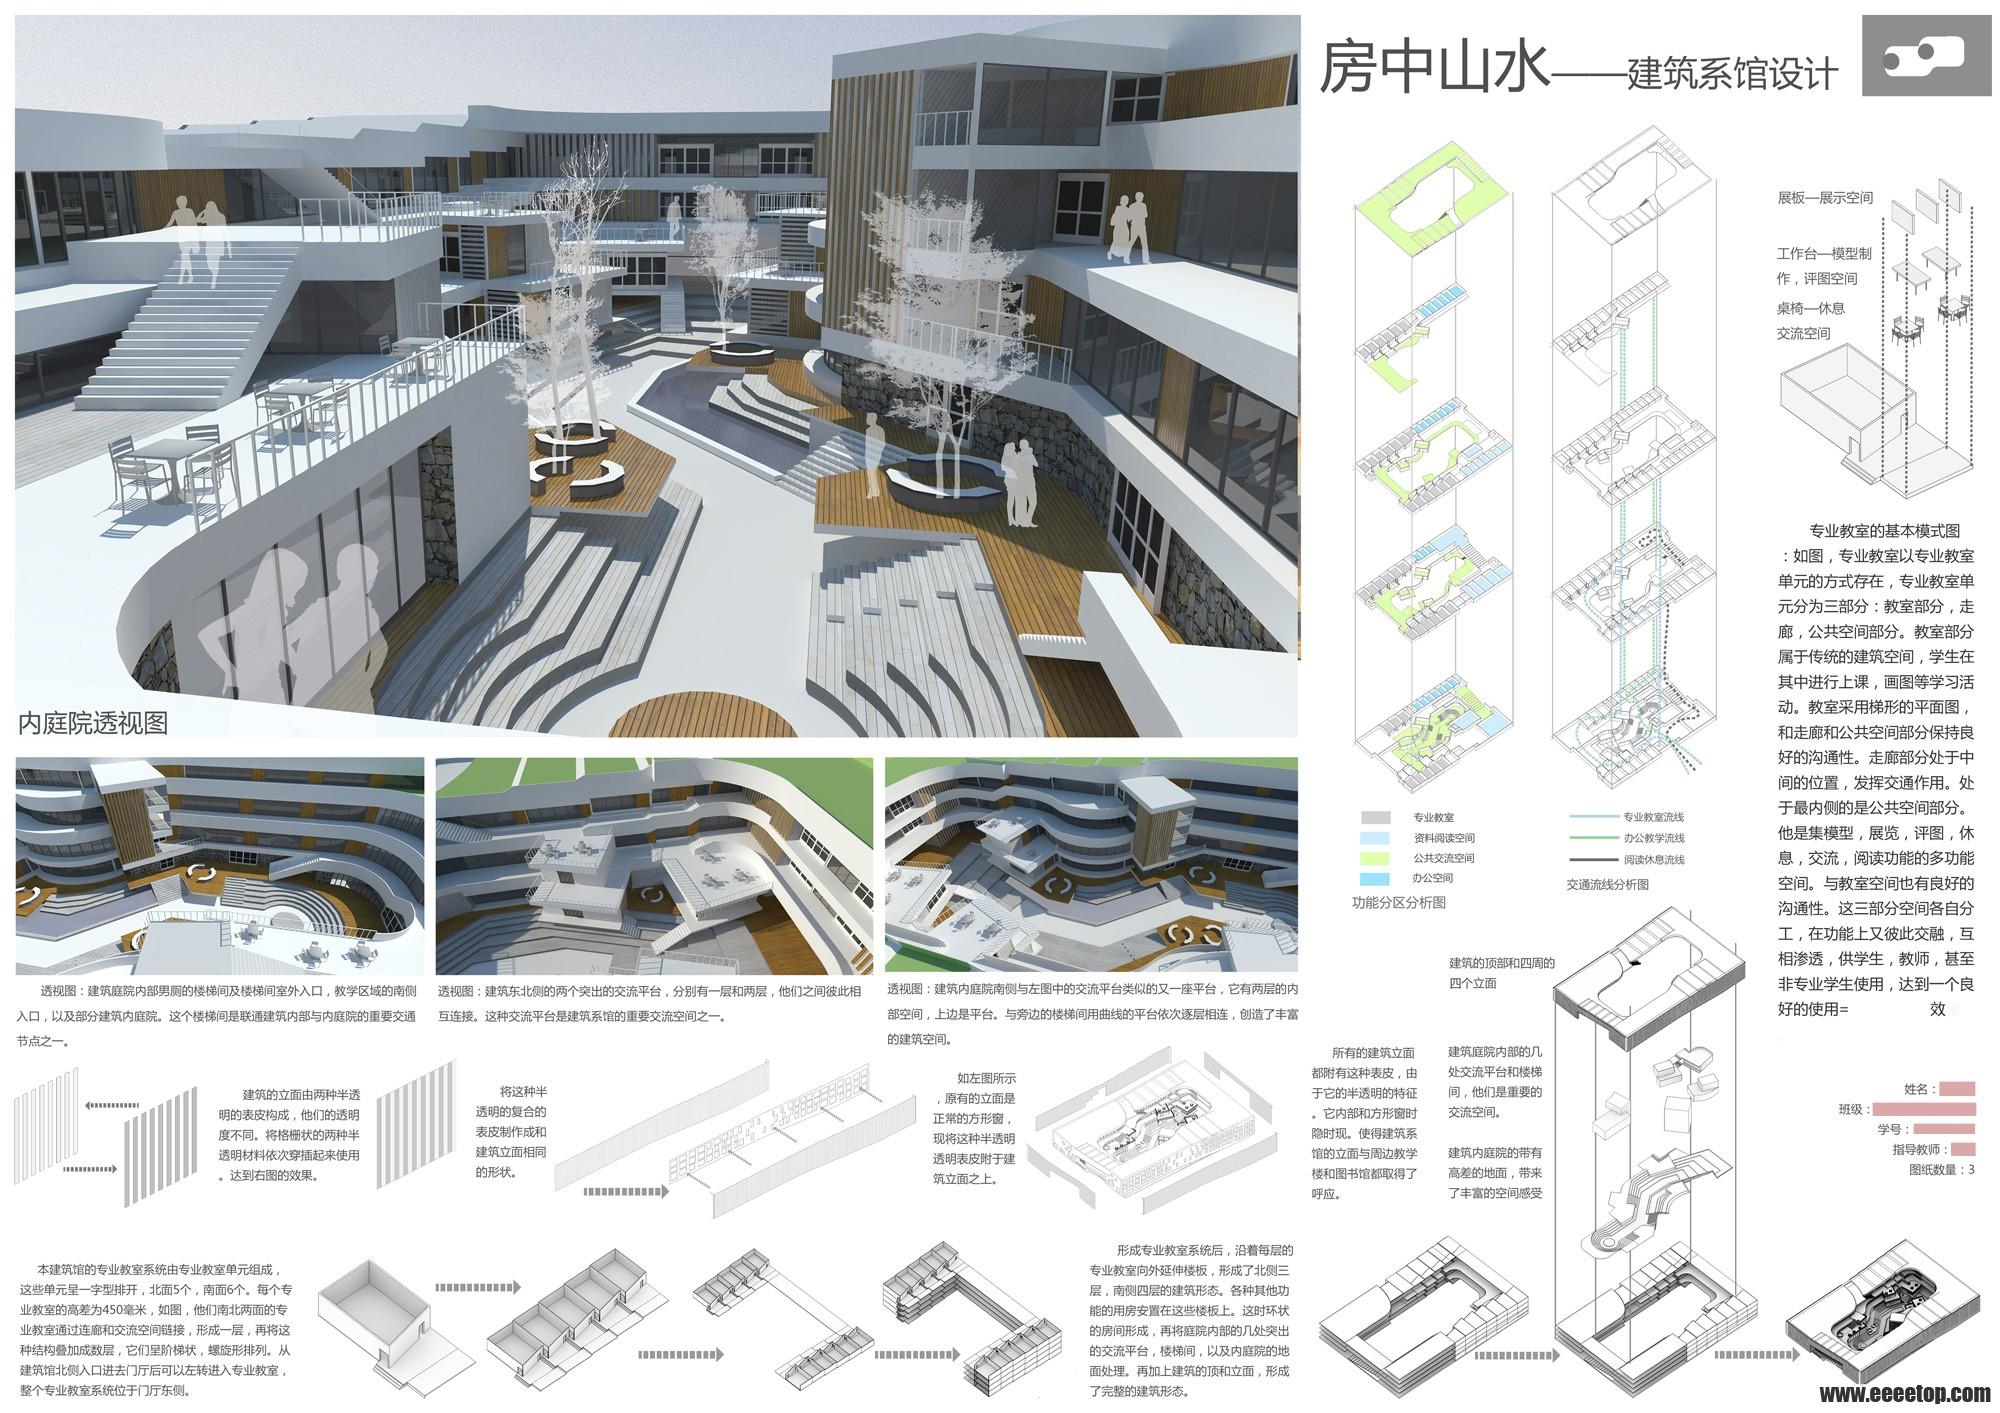 建筑系馆设计(revit2014任务书) - 大学生设计广场图片